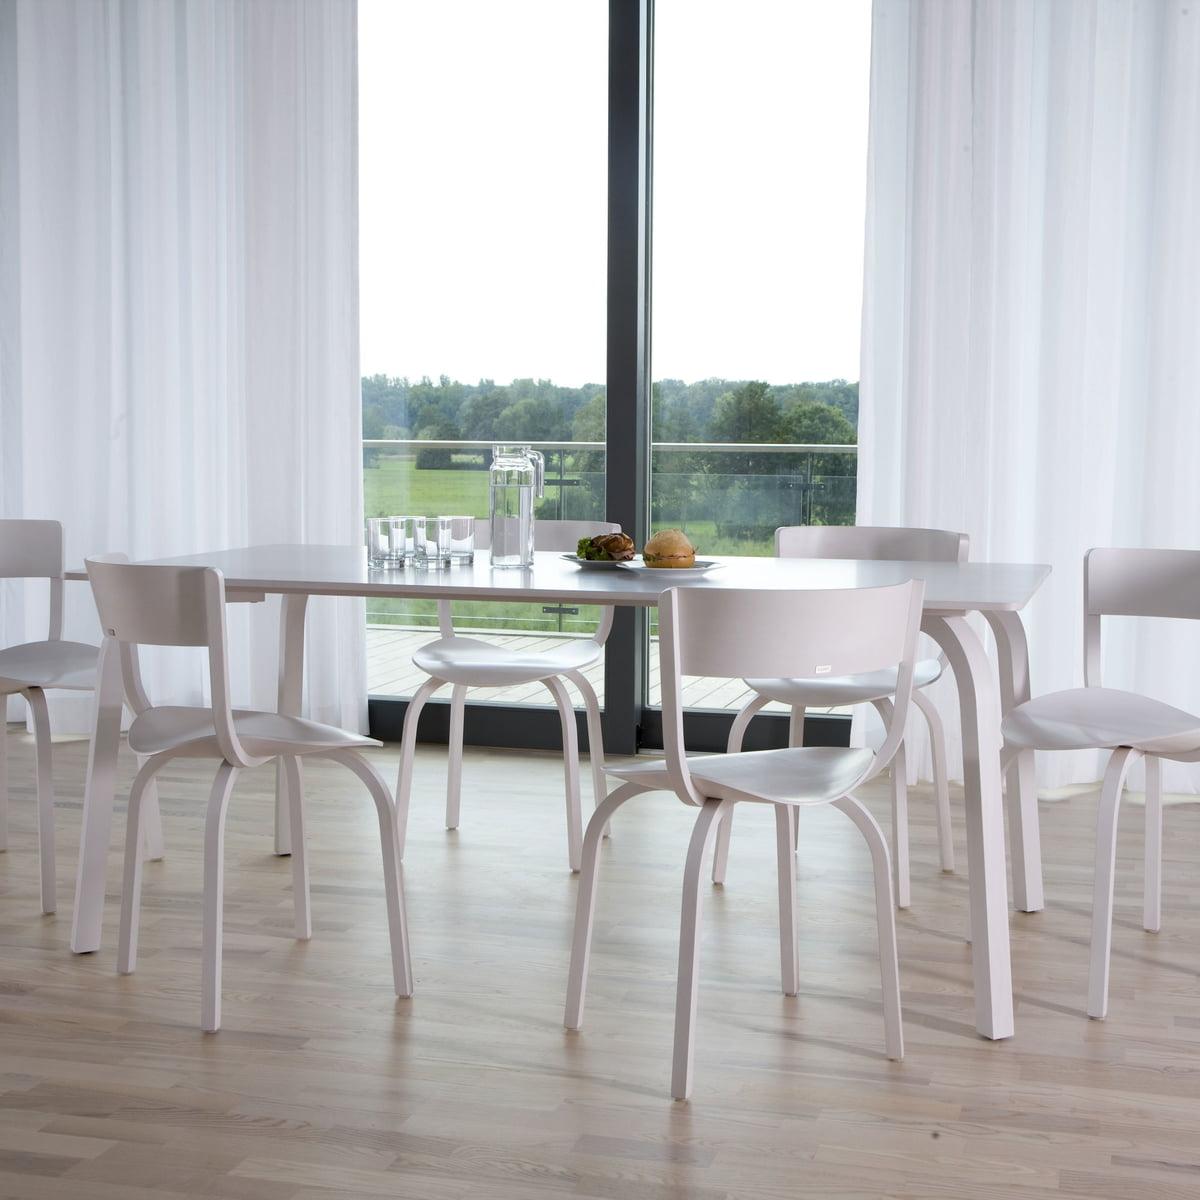 Thonet tisch gebraucht best thonet tisch gebraucht with for Tisch design gebraucht